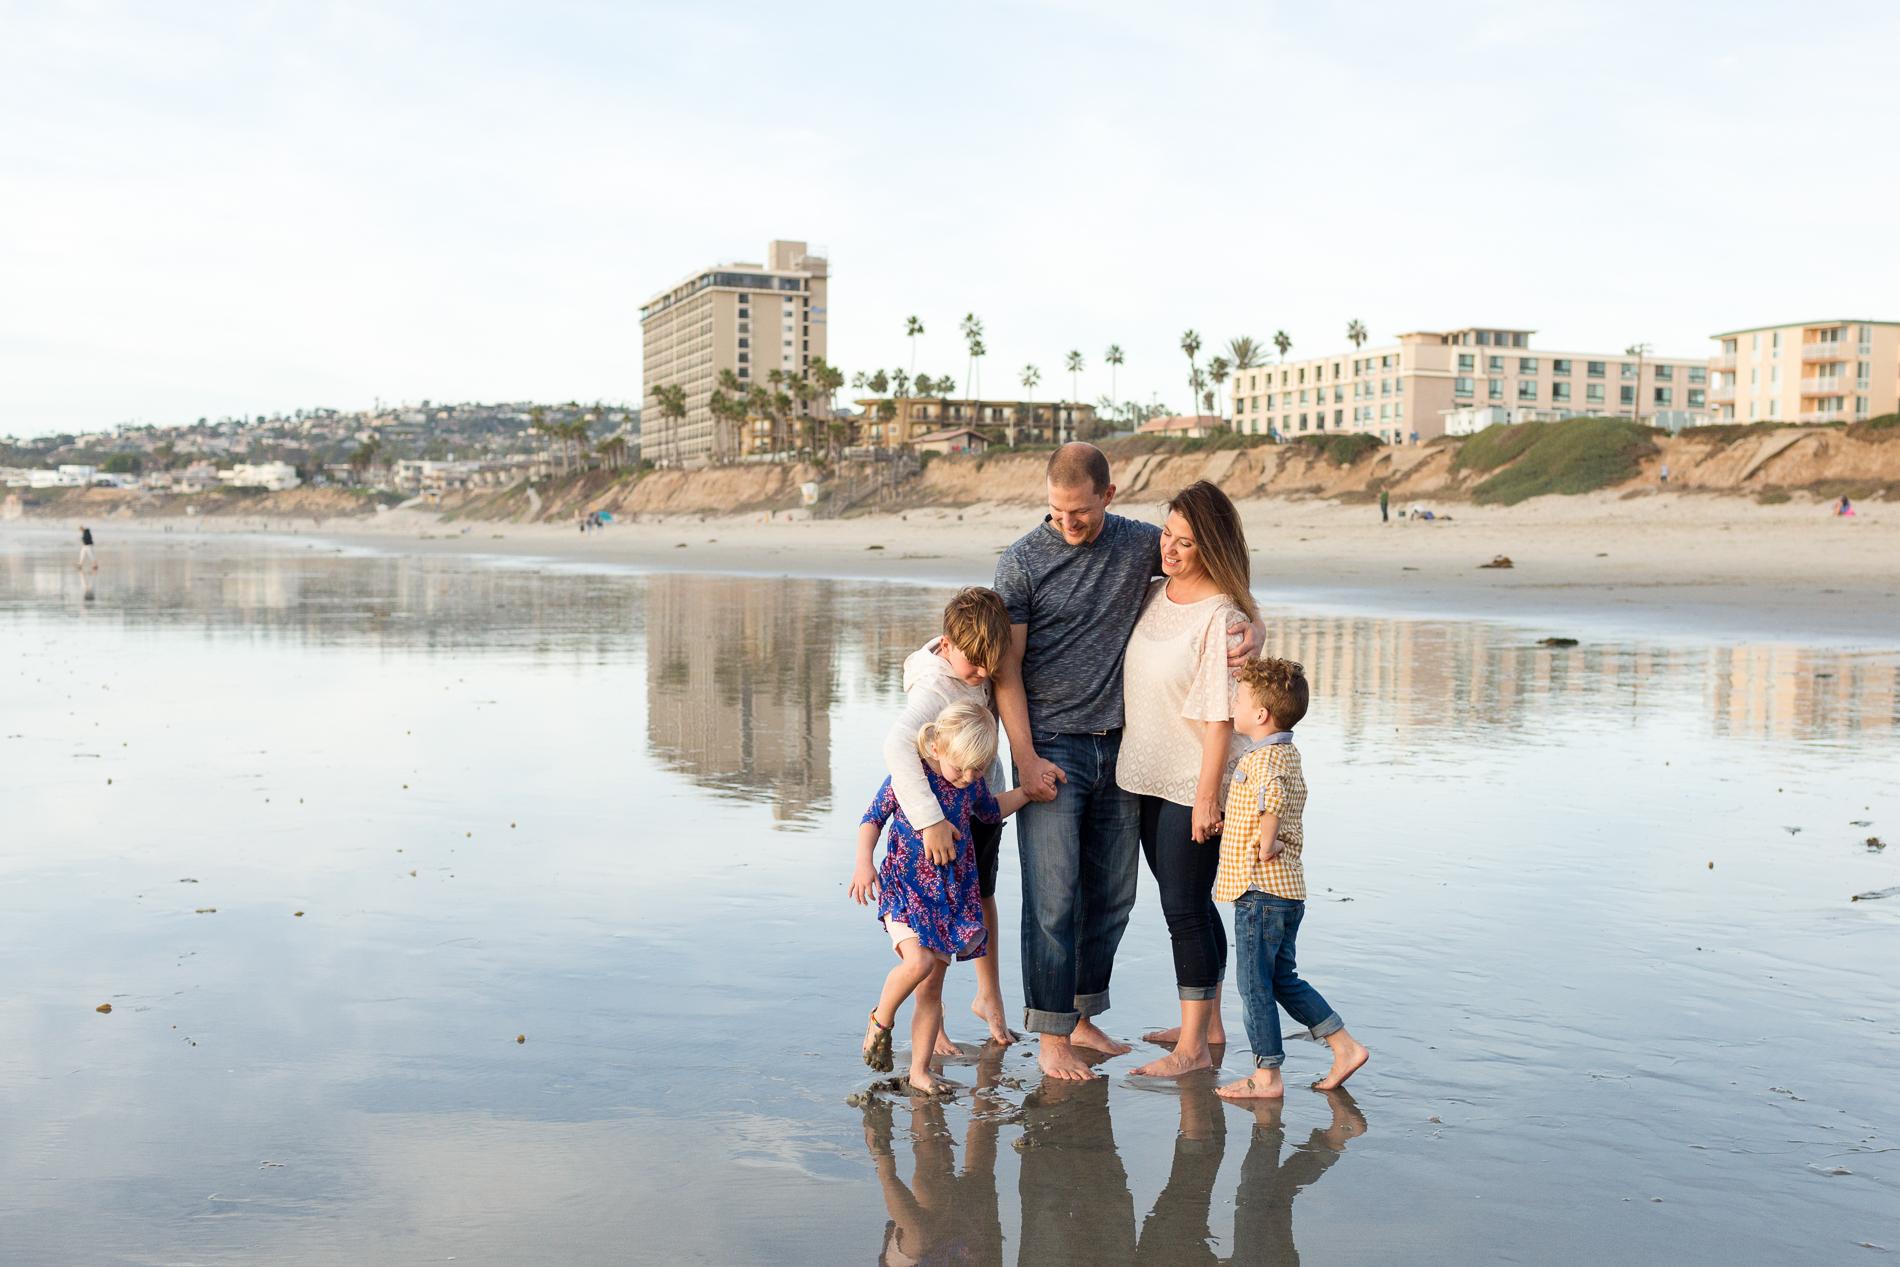 San Diego Family Photographer Beach Crystal Pier Christine Dammann Photography WS HF-5.jpg